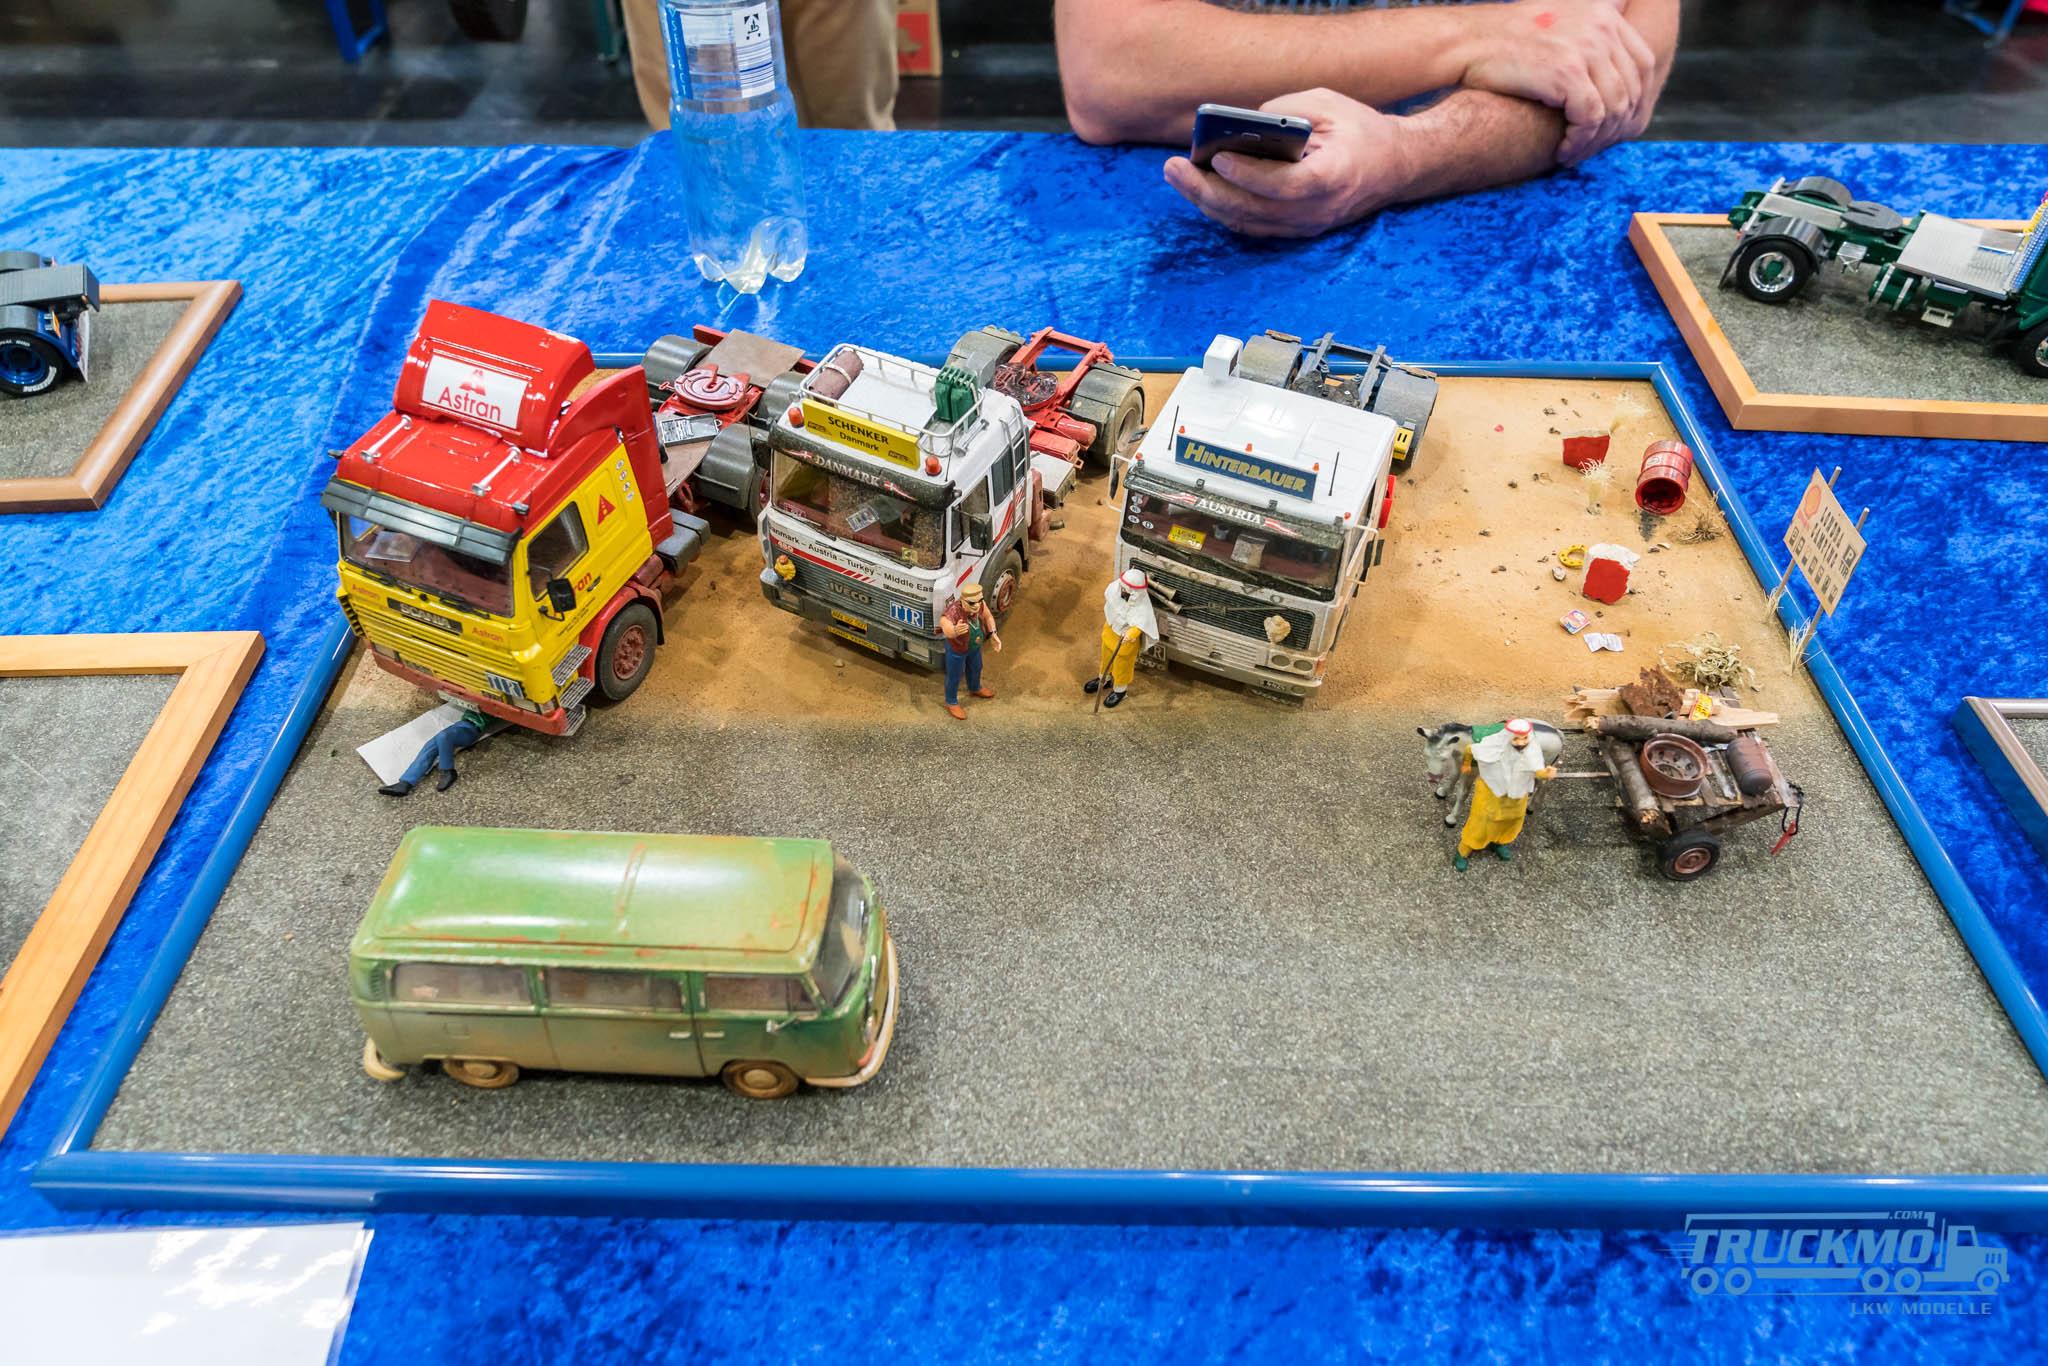 Truckmo_Modellbau_Ried_2017_Herpa_Messe_Modellbauausstellung (325 von 1177)